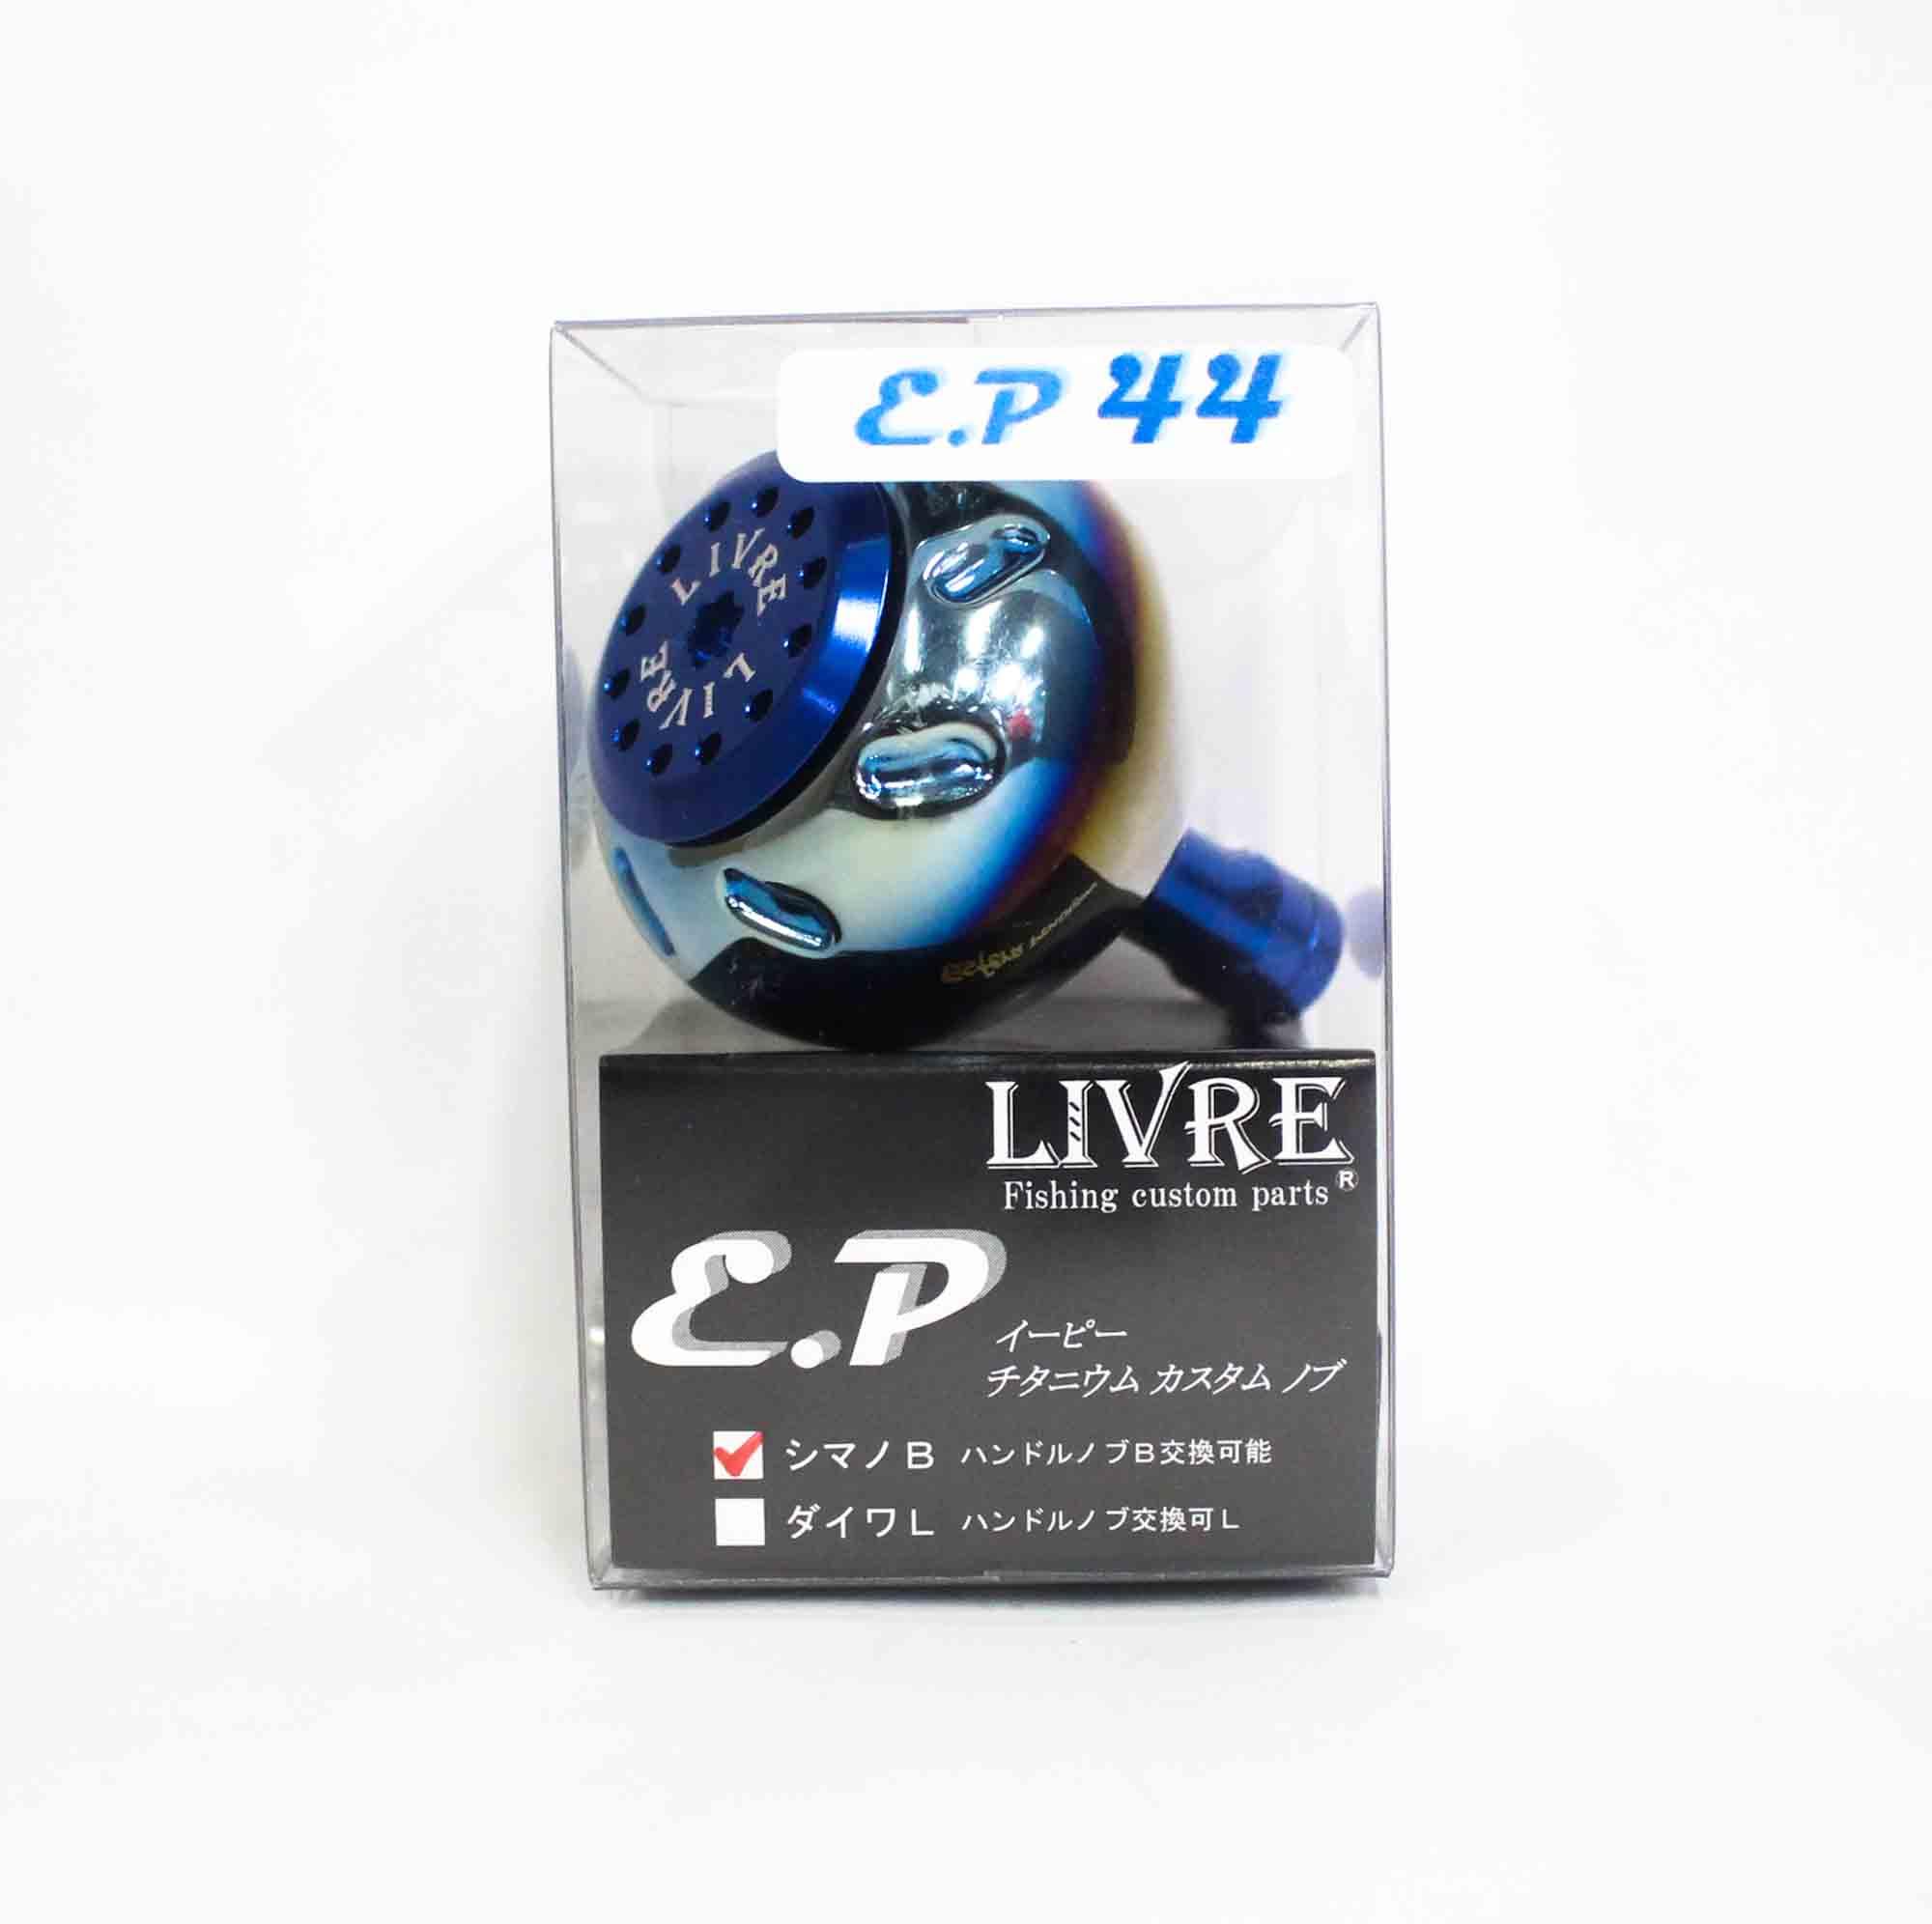 Livre E44BBL-1 Knob EP44B Shimano Daiwa (2615)